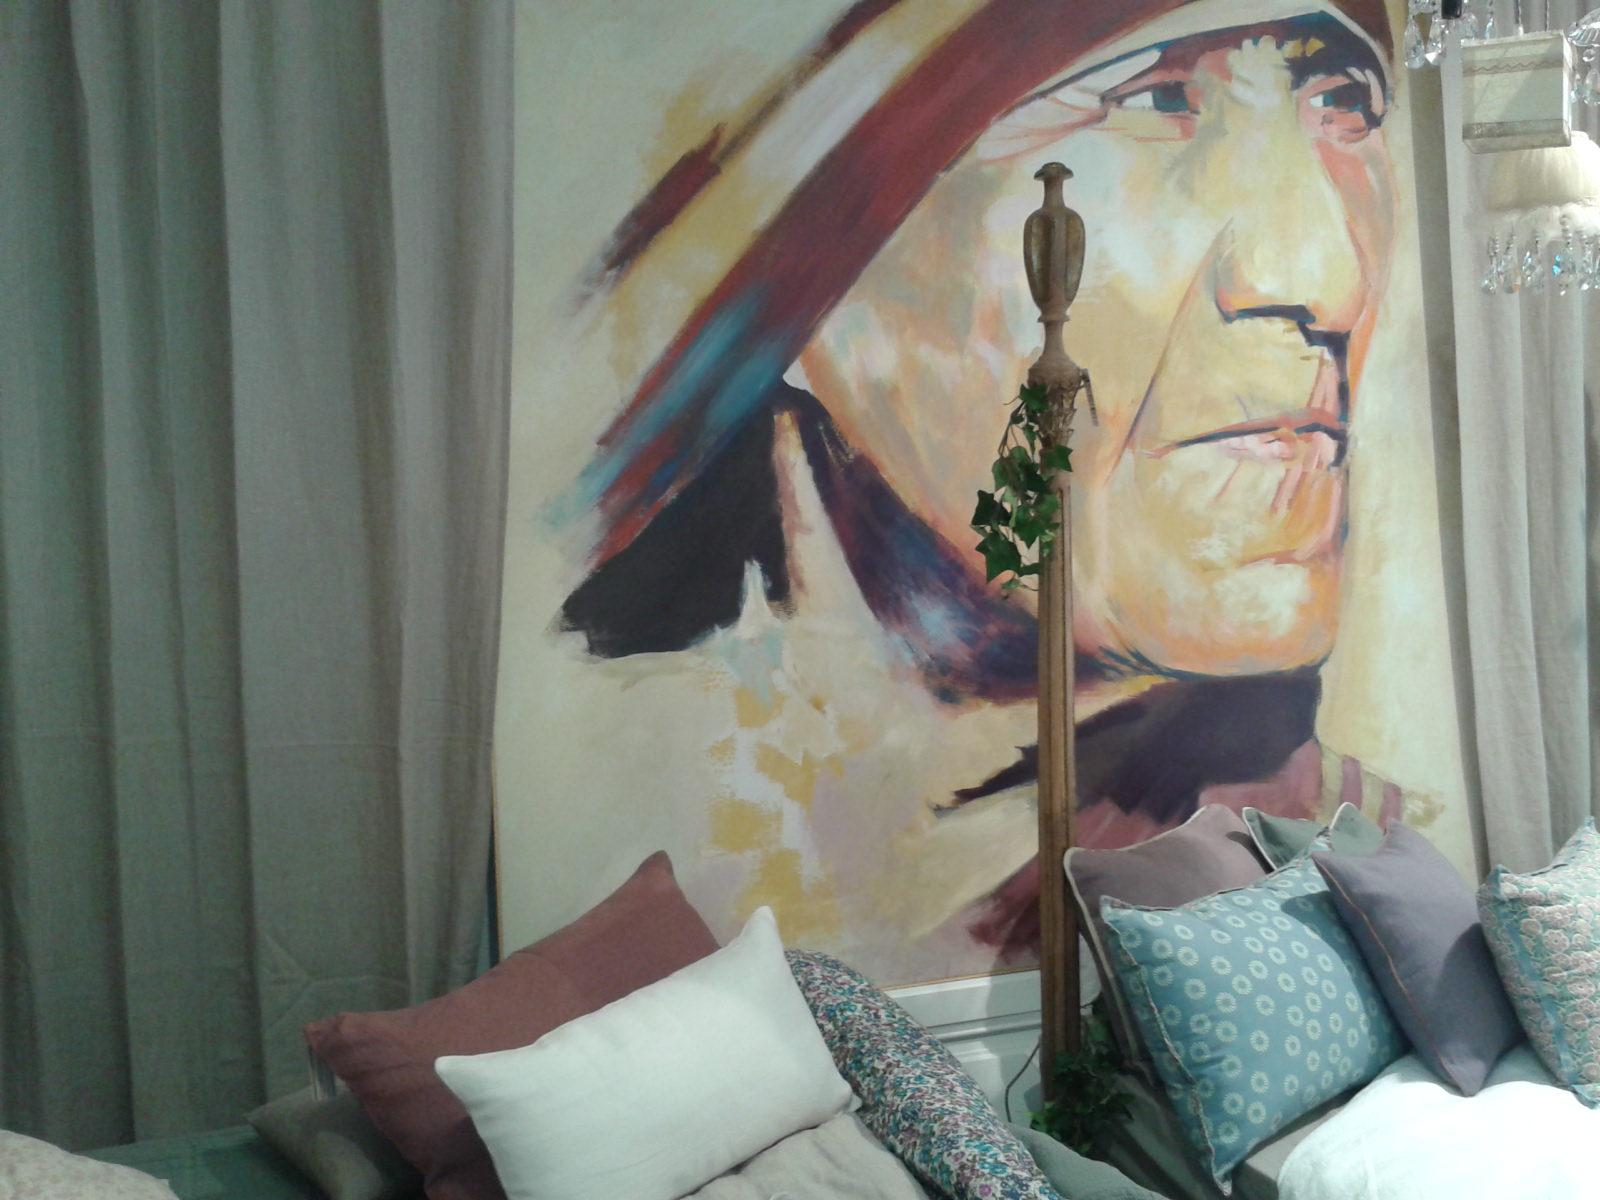 Ropa de Cama y una Exposición de retratos en Filocolore